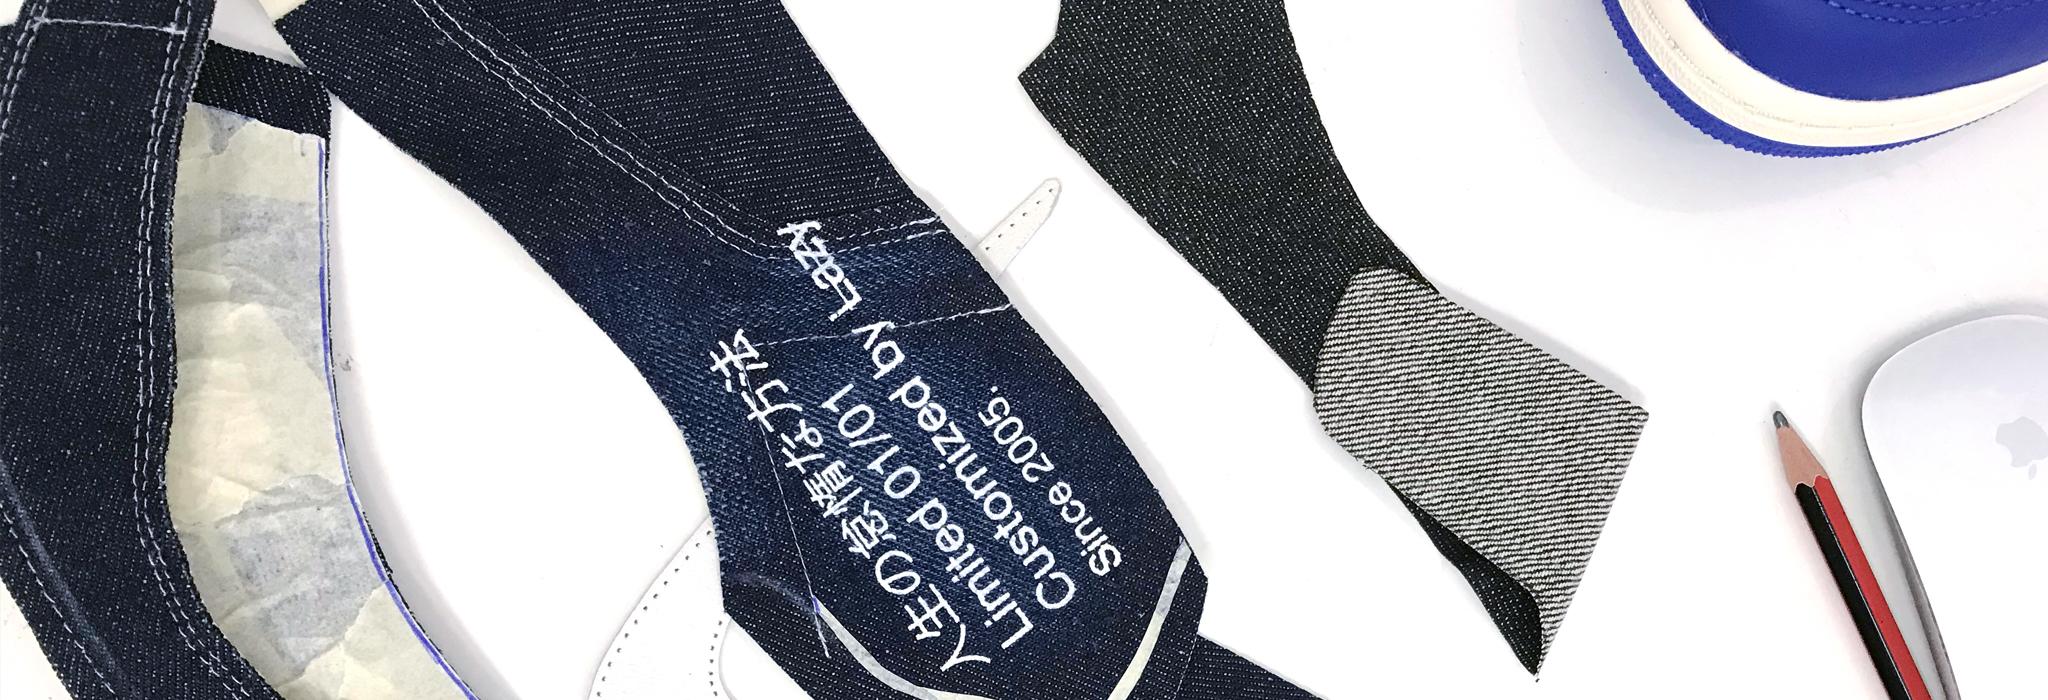 akalazy lazything custom sneaker